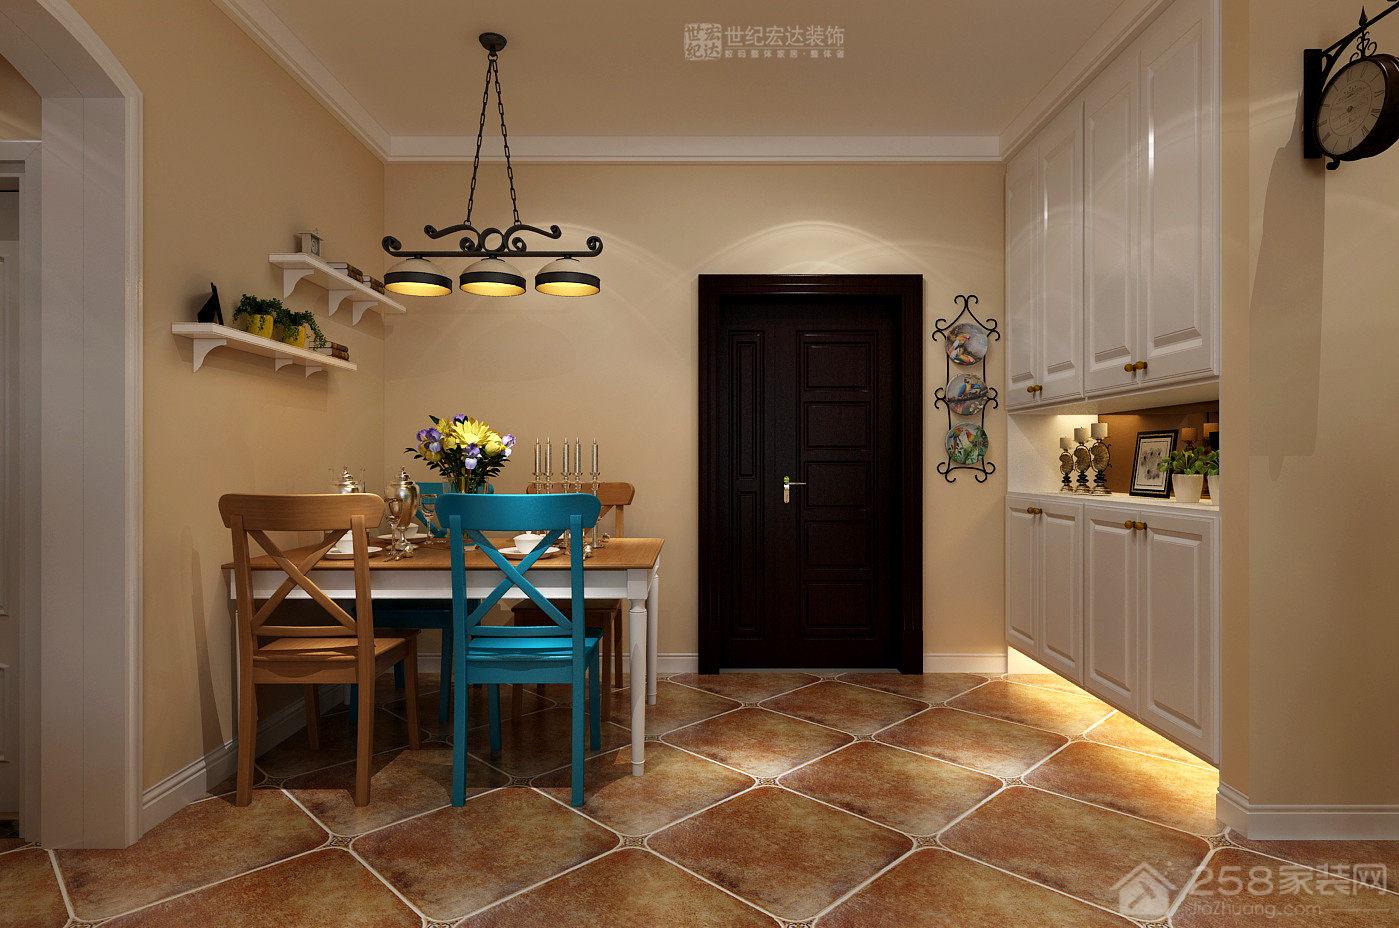 尚东1956+三室两厅一厨一卫装修效果图